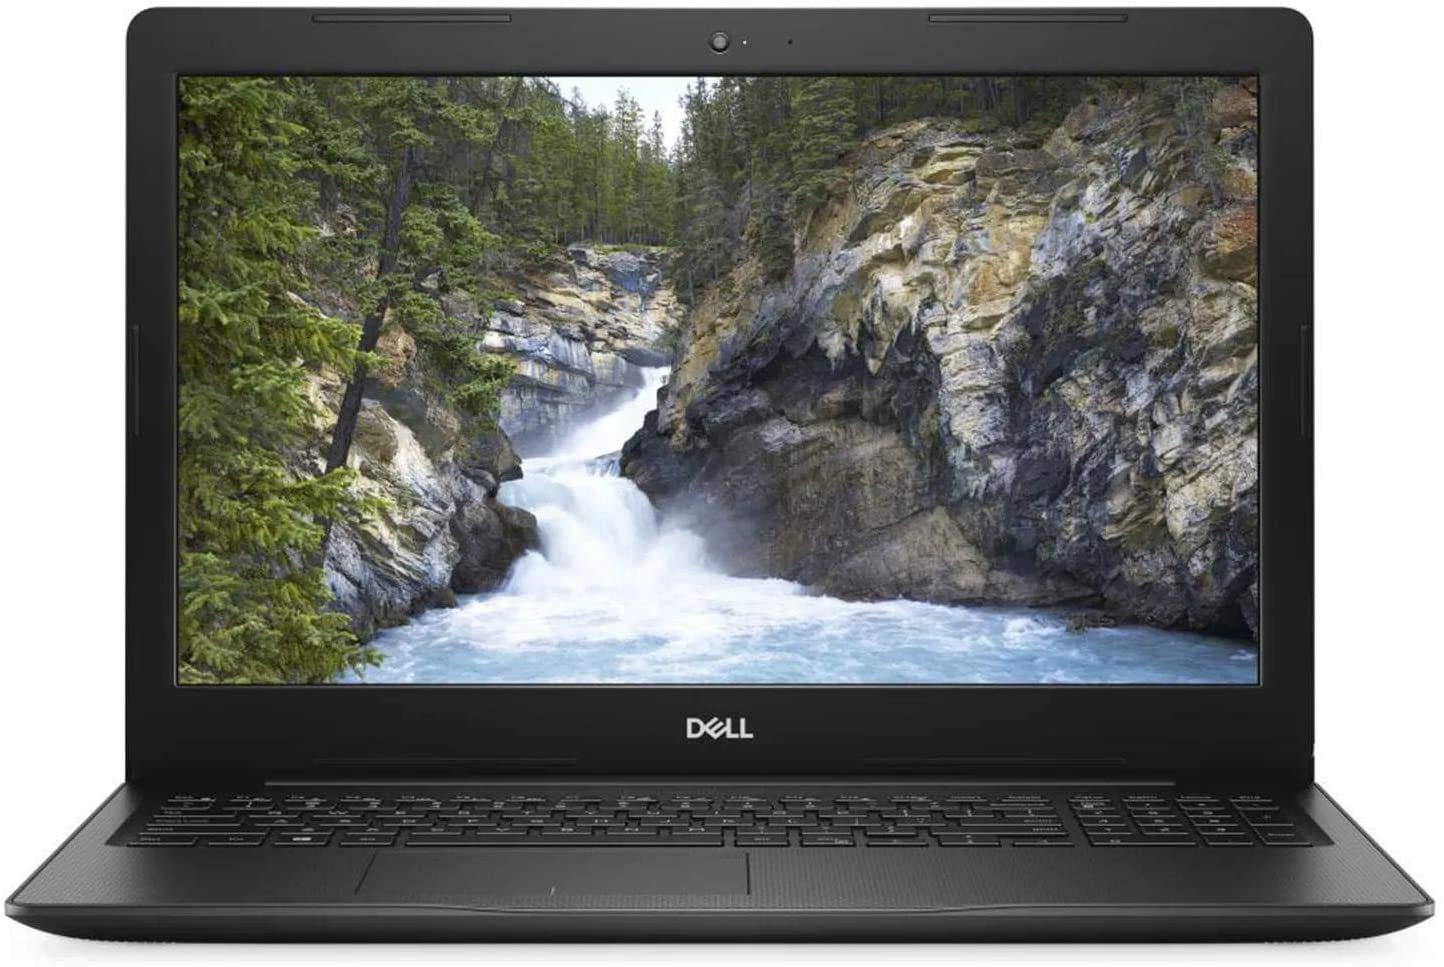 Computadora portátil empresarial Dell Vostro 3590 de 15,6 FHD 2020, Intel Quad-Core i7-10510U de décima generación, 32 GB de RAM DDR4, SSD PCIe de 1 TB, AMD Radeon 610, Windows 10 Pro, unidad flash BROAGE de 64 GB, listo para la clase en línea